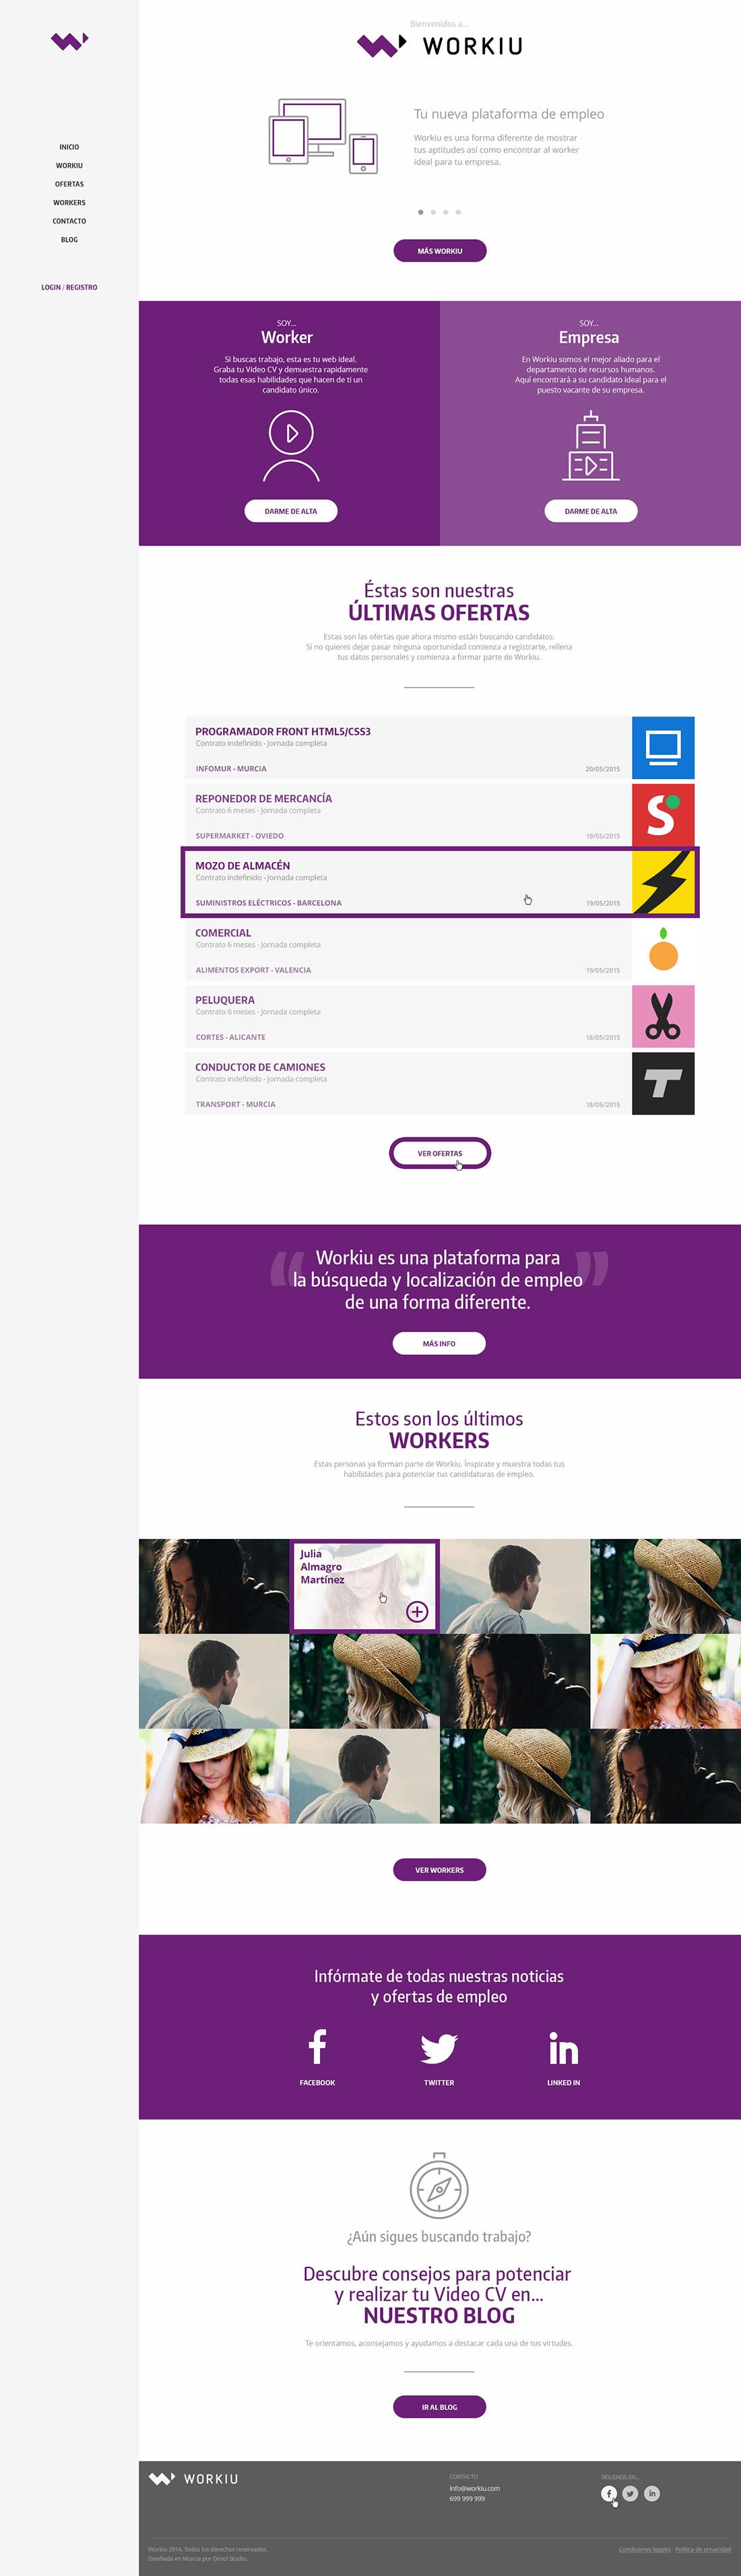 workiu-brand-web-proyecto-09